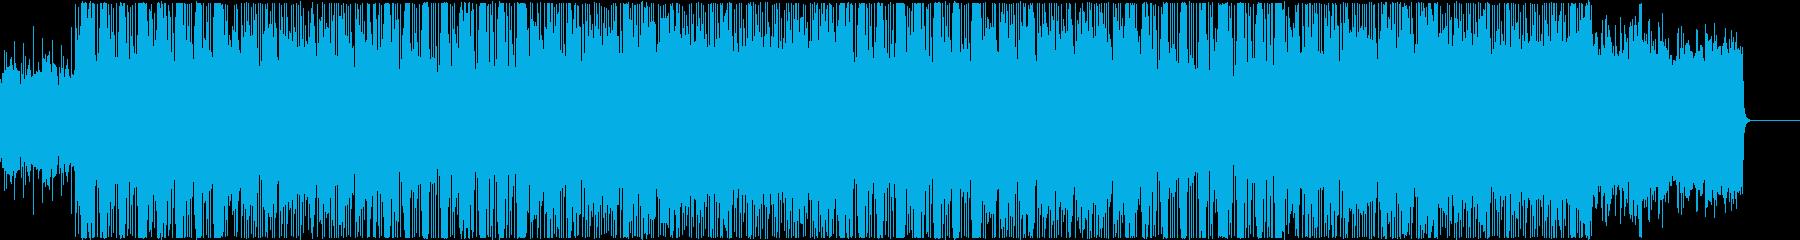 ノスタルジックなメロディの再生済みの波形